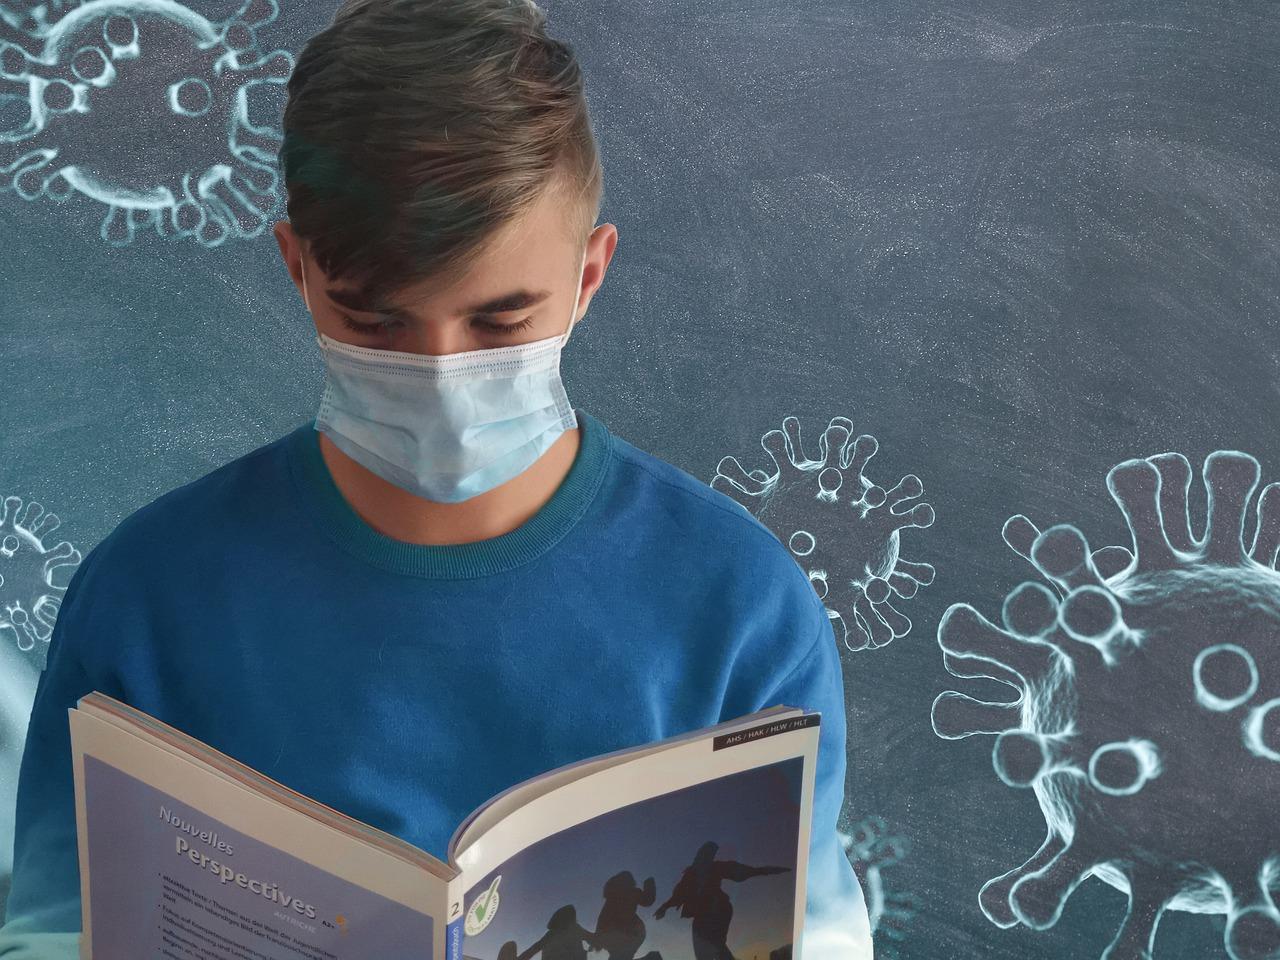 KS: Naredba Kriznog štaba Ministarstva zdravstva KS o obavezi korištenja zaštitnih maski